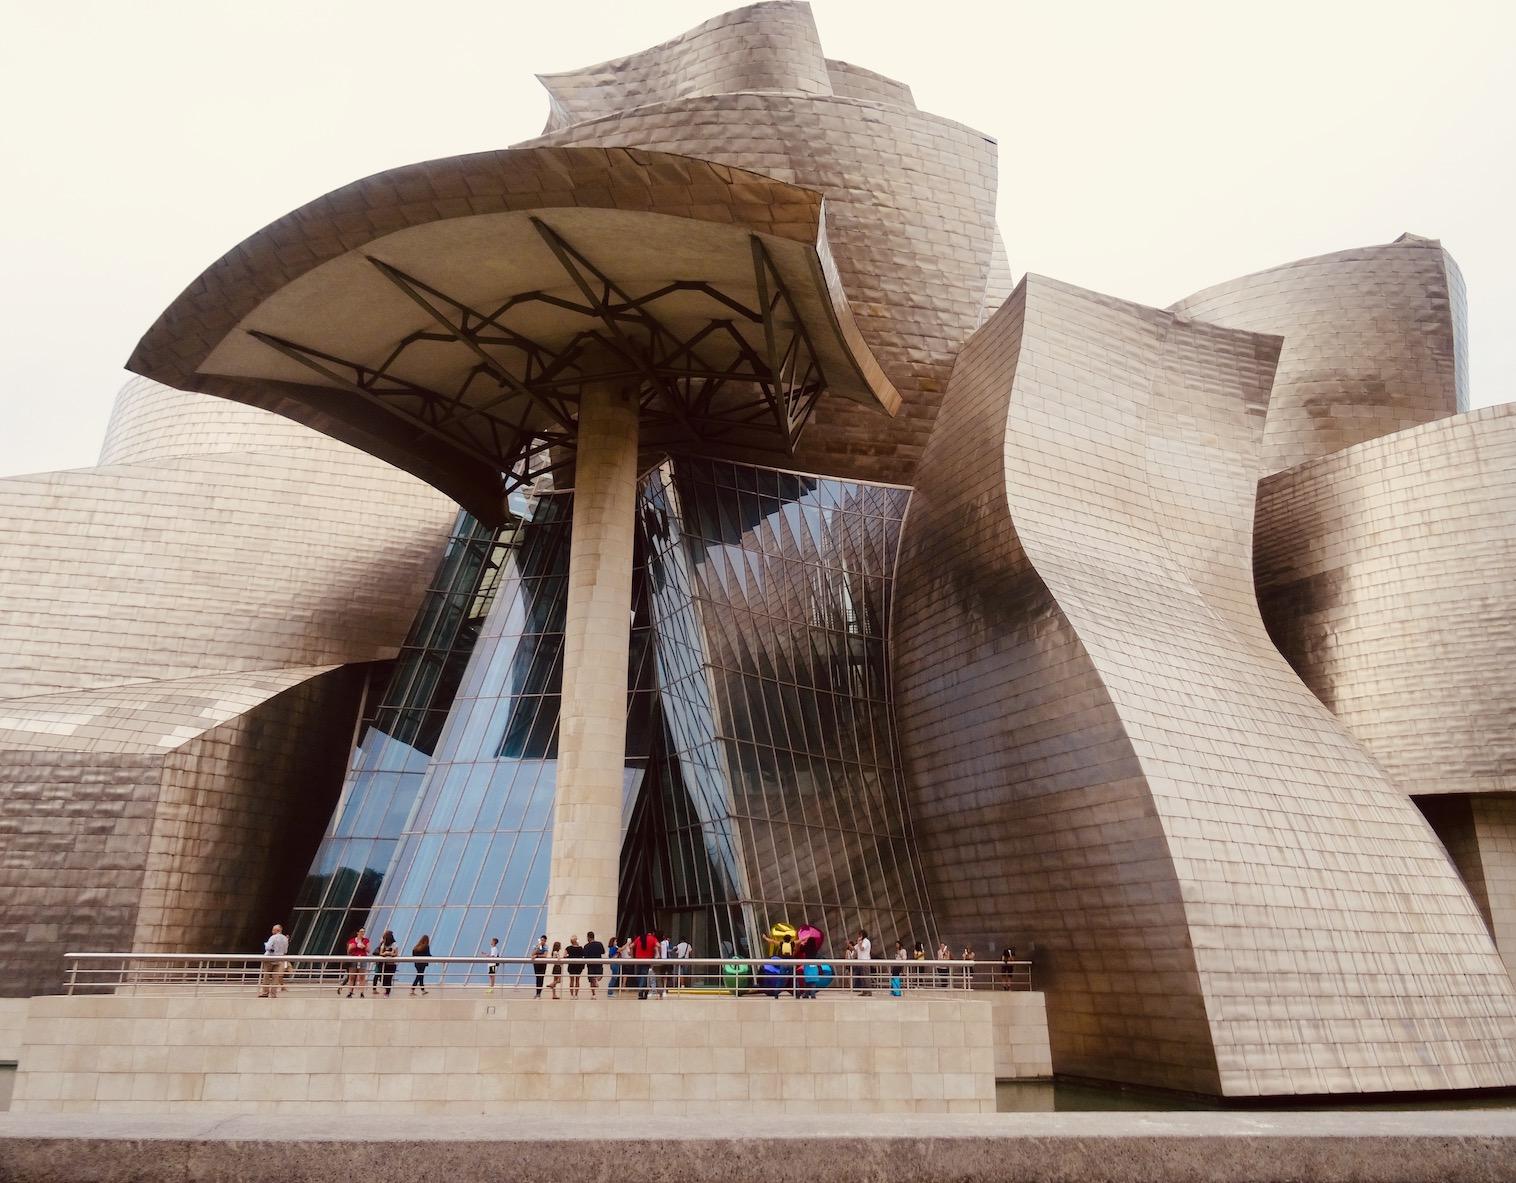 The Guggenheim Museum Bilbao Spain.